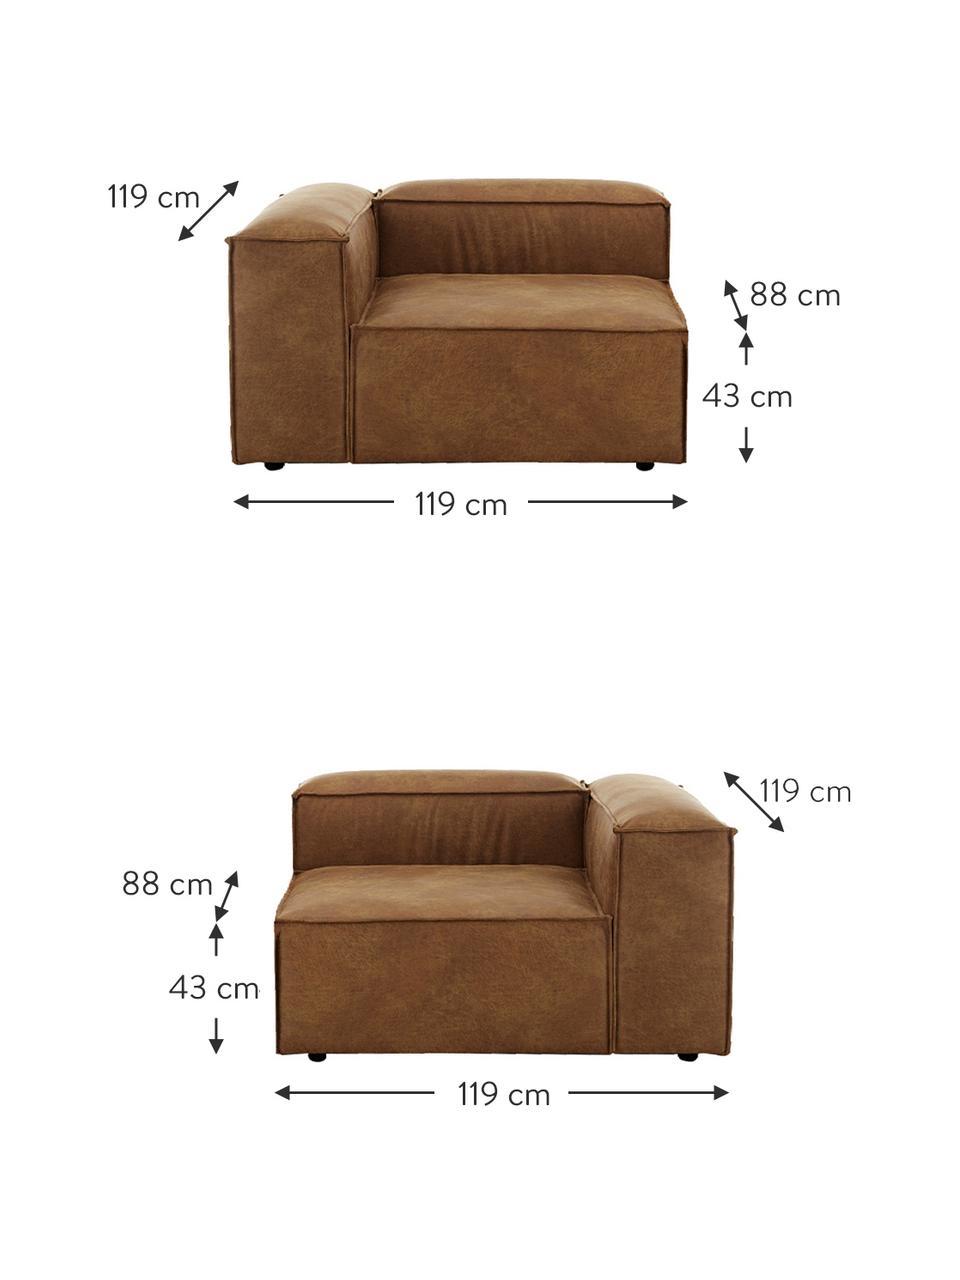 Sofa modułowa ze skóry z recyklingu Lennon (3-osobowa), Tapicerka: skóra z recyklingu (70% s, Nogi: tworzywo sztuczne Nogi zn, Brązowy, S 238 x G 119 cm